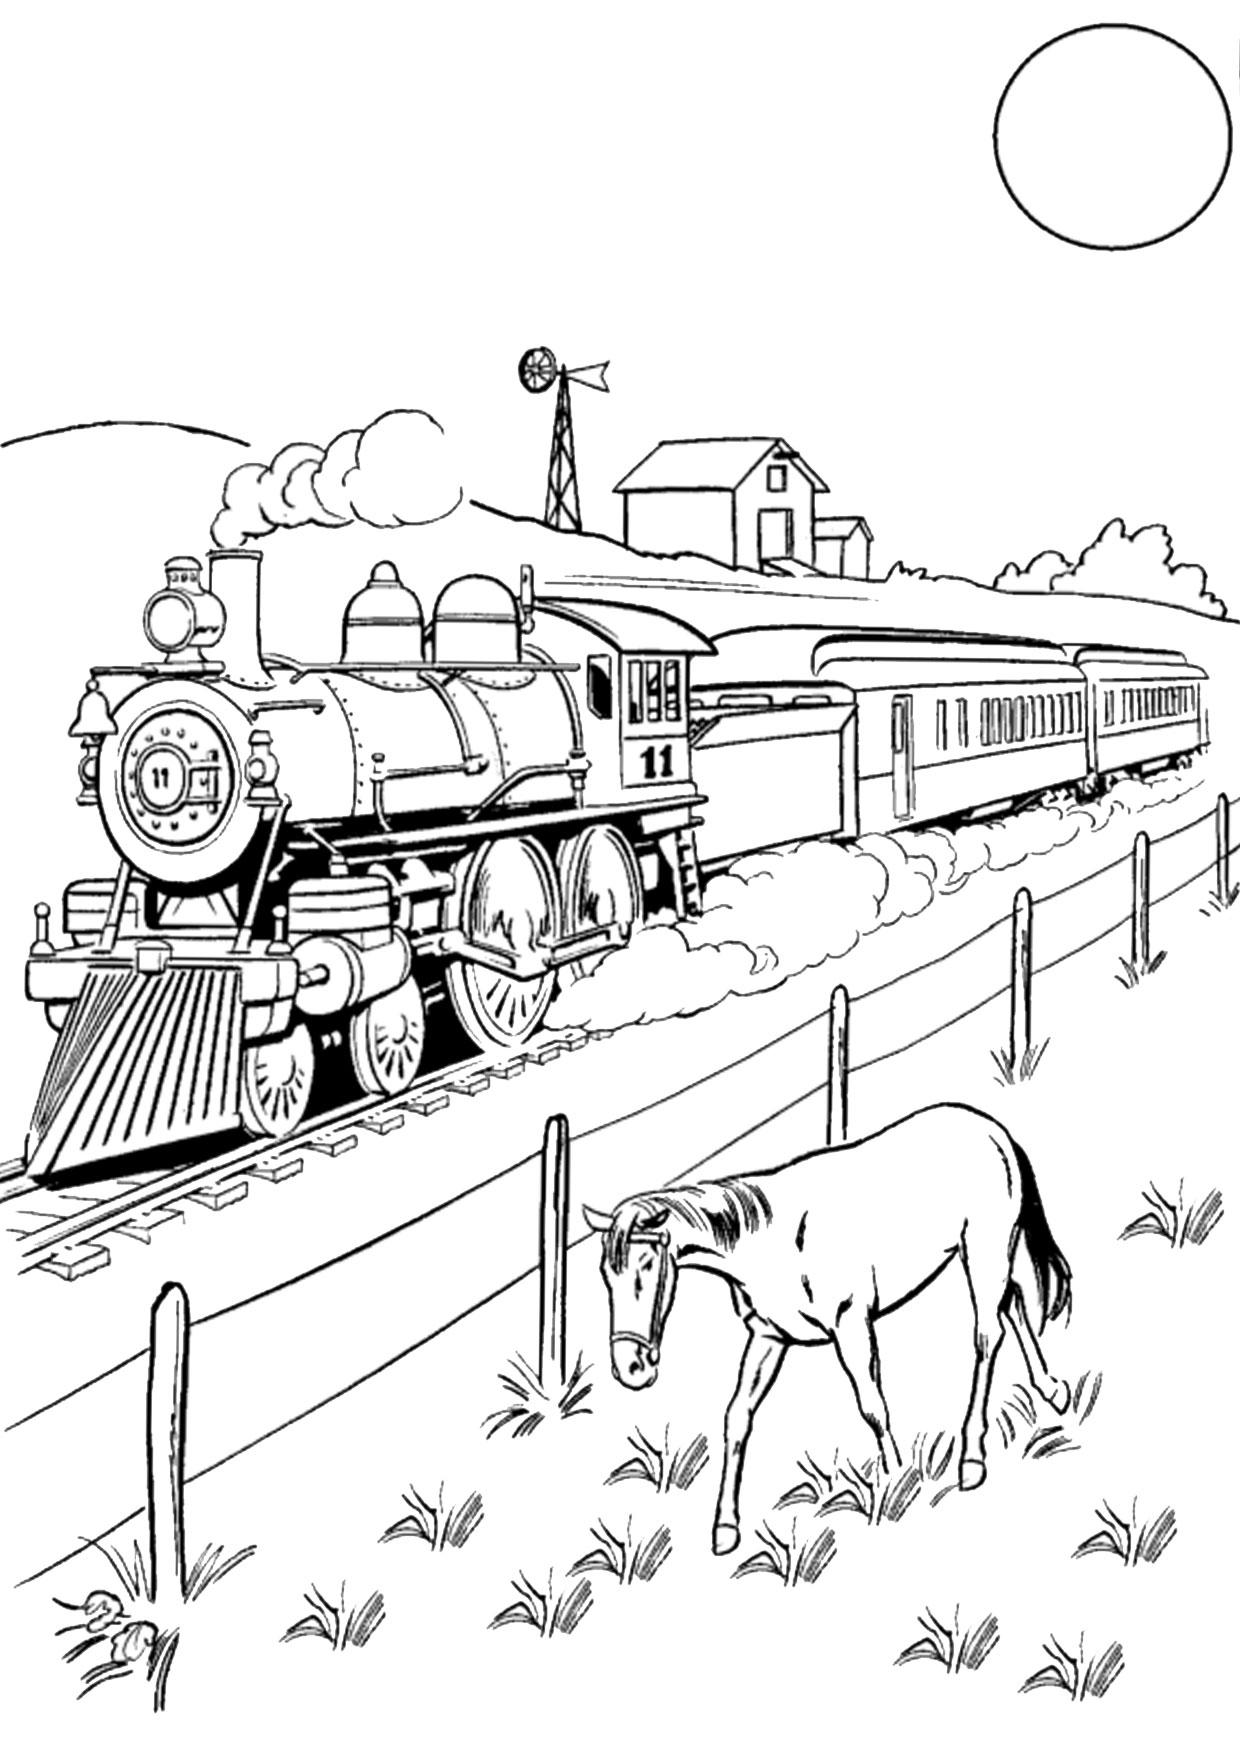 Disegno Di Lettera T Di Treno Da Colorare Per Bambini